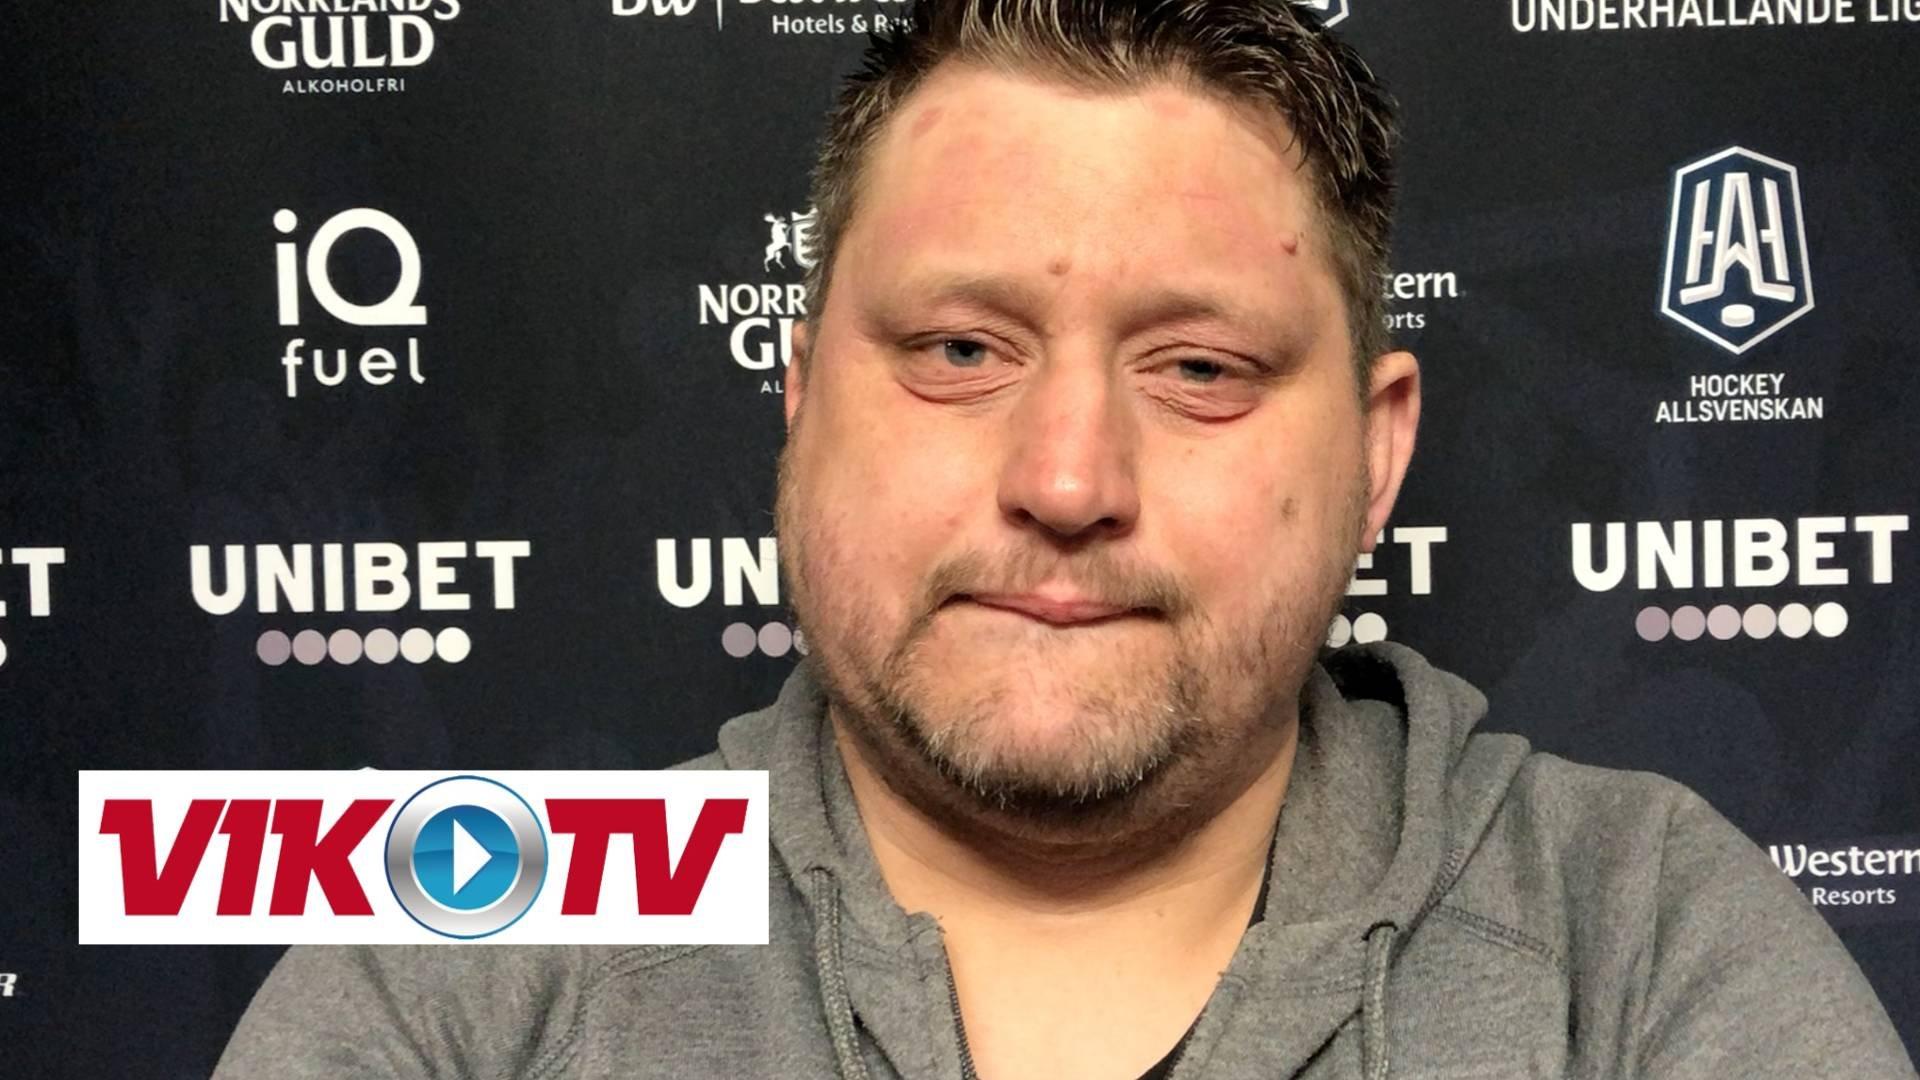 Intervju med Karlin inför semifinal 3